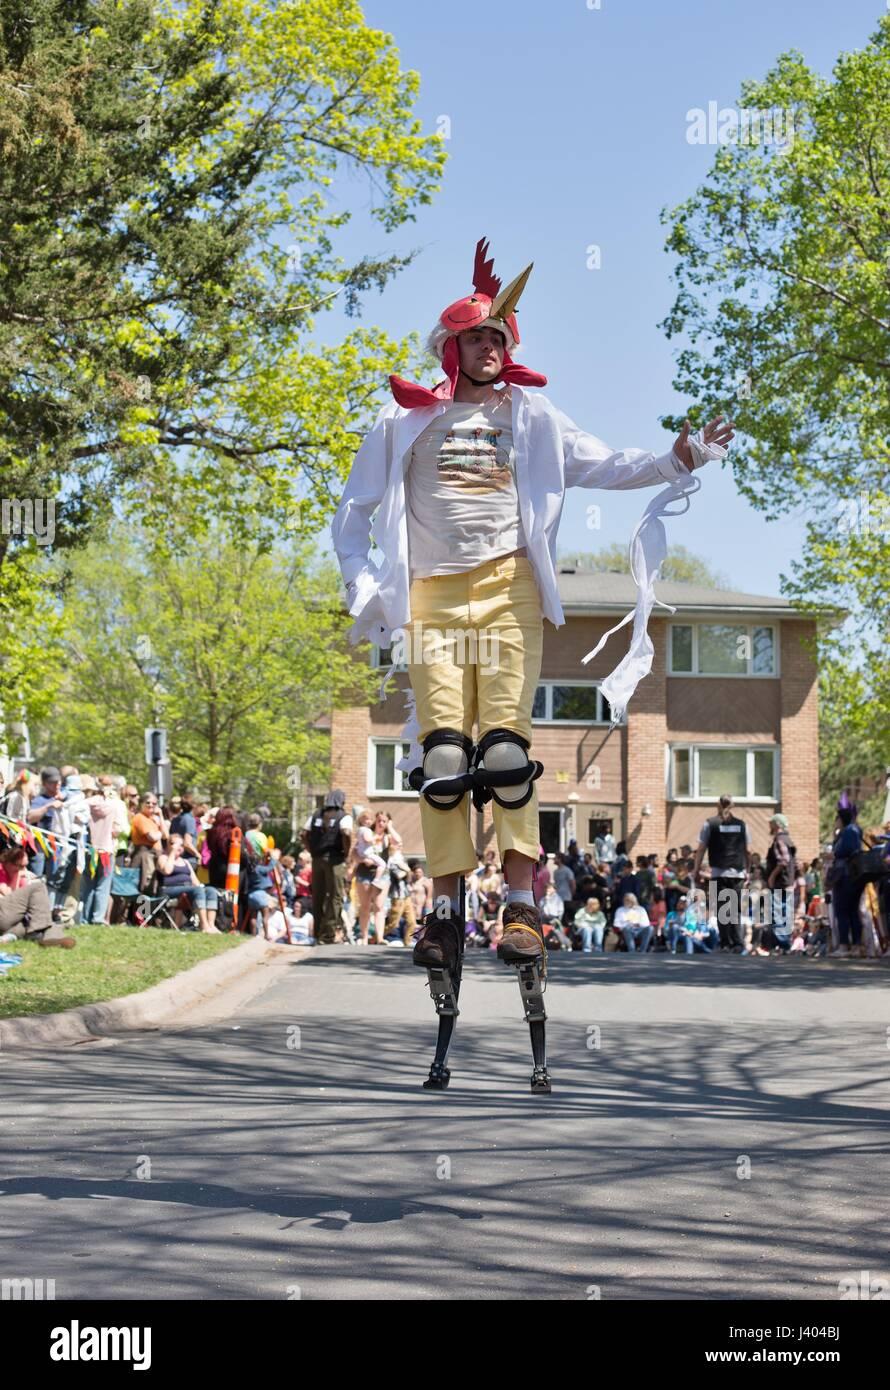 Ein Mann Prellen mit Frühling Schuhe auf der Mayday-Parade in Minneapolis, Minnesota, USA. Stockbild